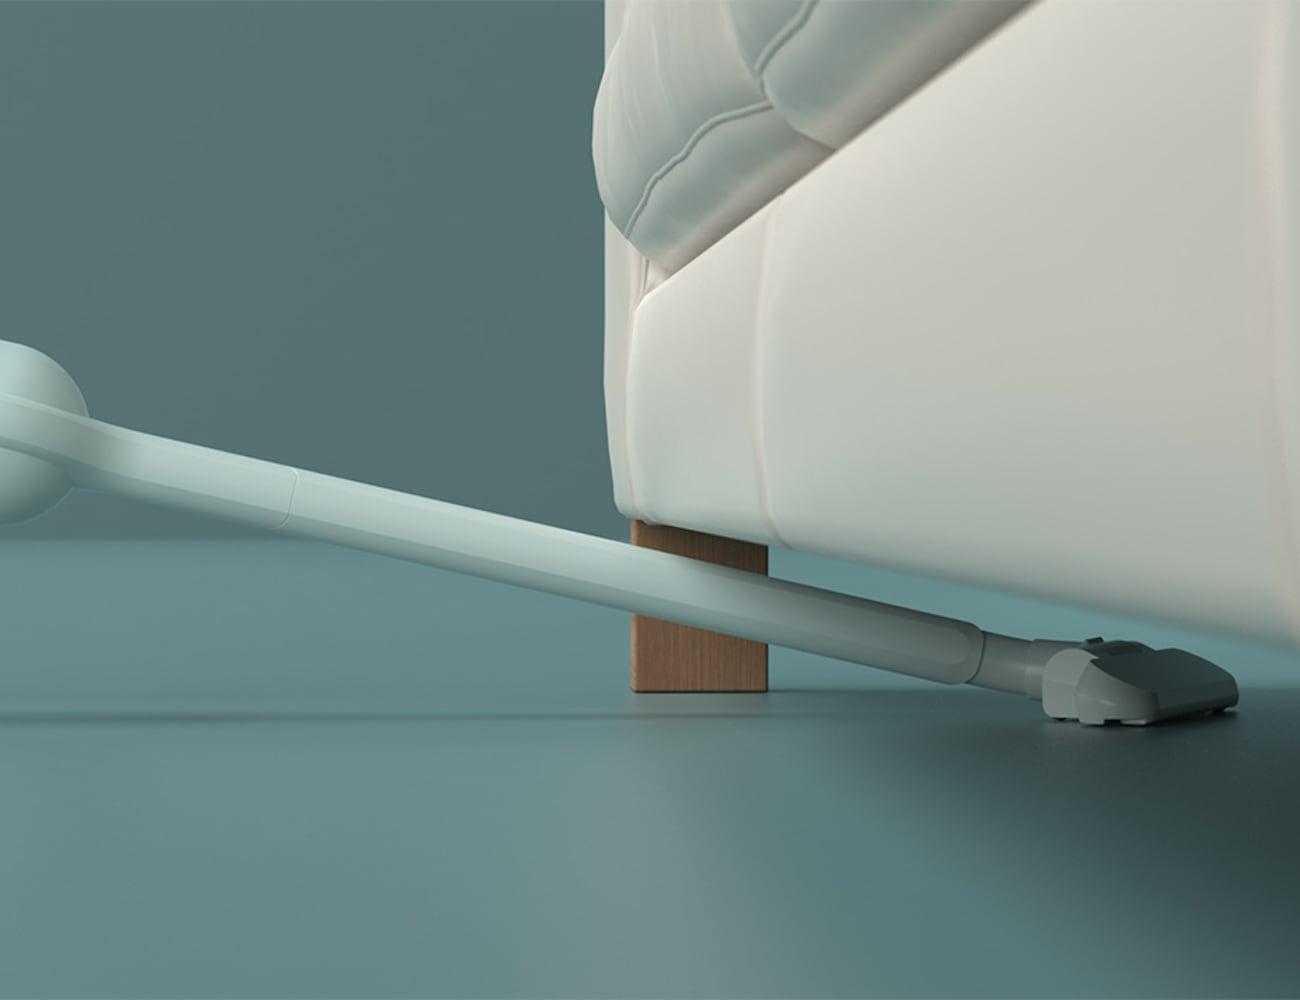 MO-ON OBICUUM Objet Vacuum Cleaner